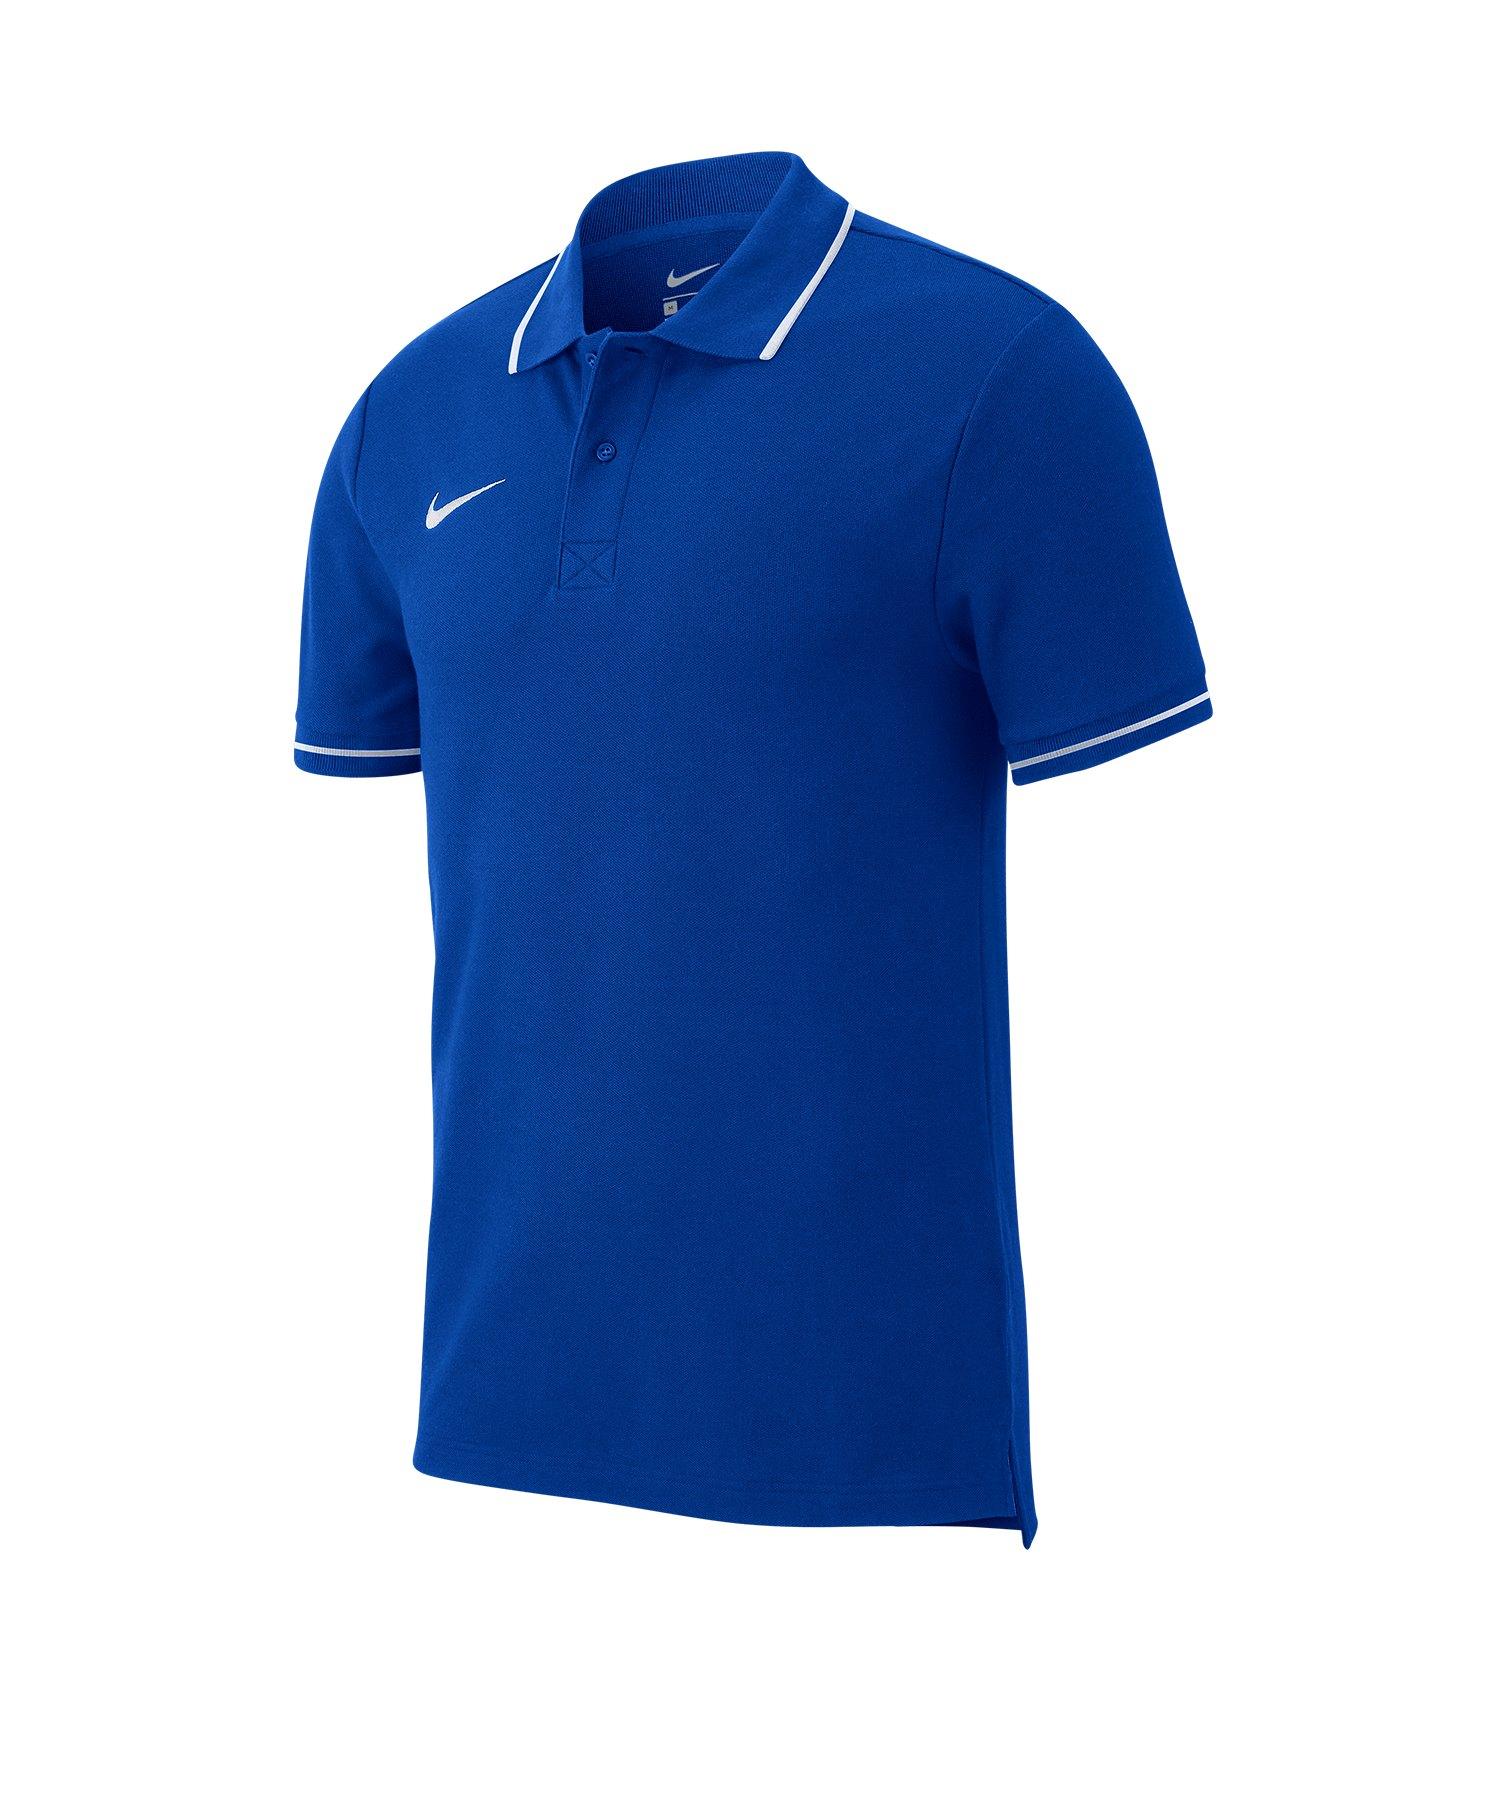 Nike Club 19 Poloshirt Blau F463 - blau